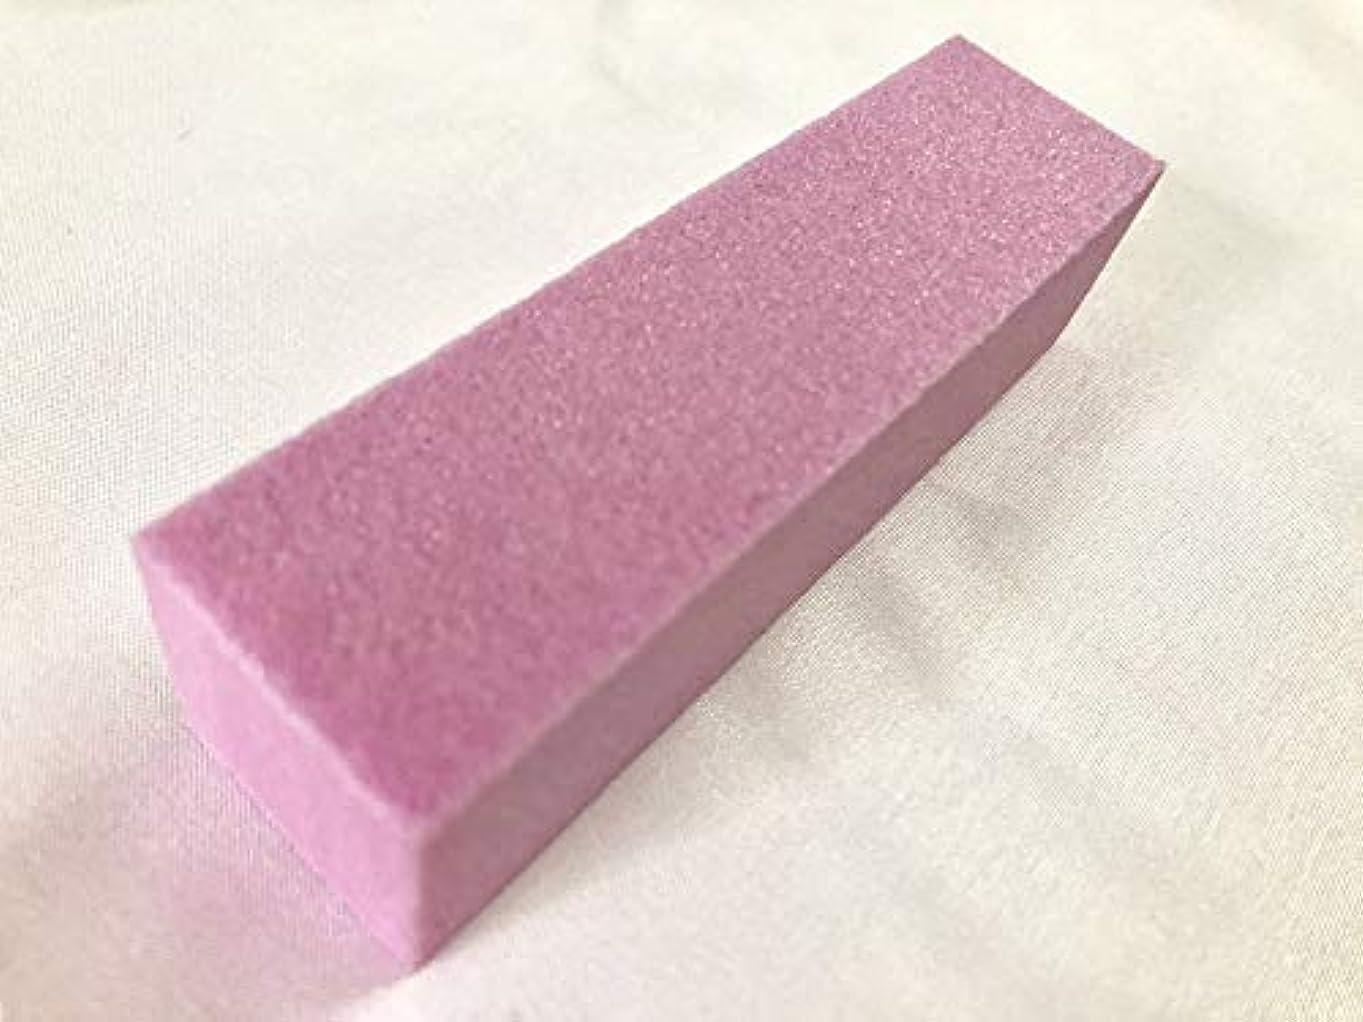 混合疑い腐敗スポンジ ネイル ファイル 4本セット マニュキュア ネイル ジェルネイル カラフルなスポンジやすりです 使用用途: ネイルファイル 角質とり 刃物のやすり